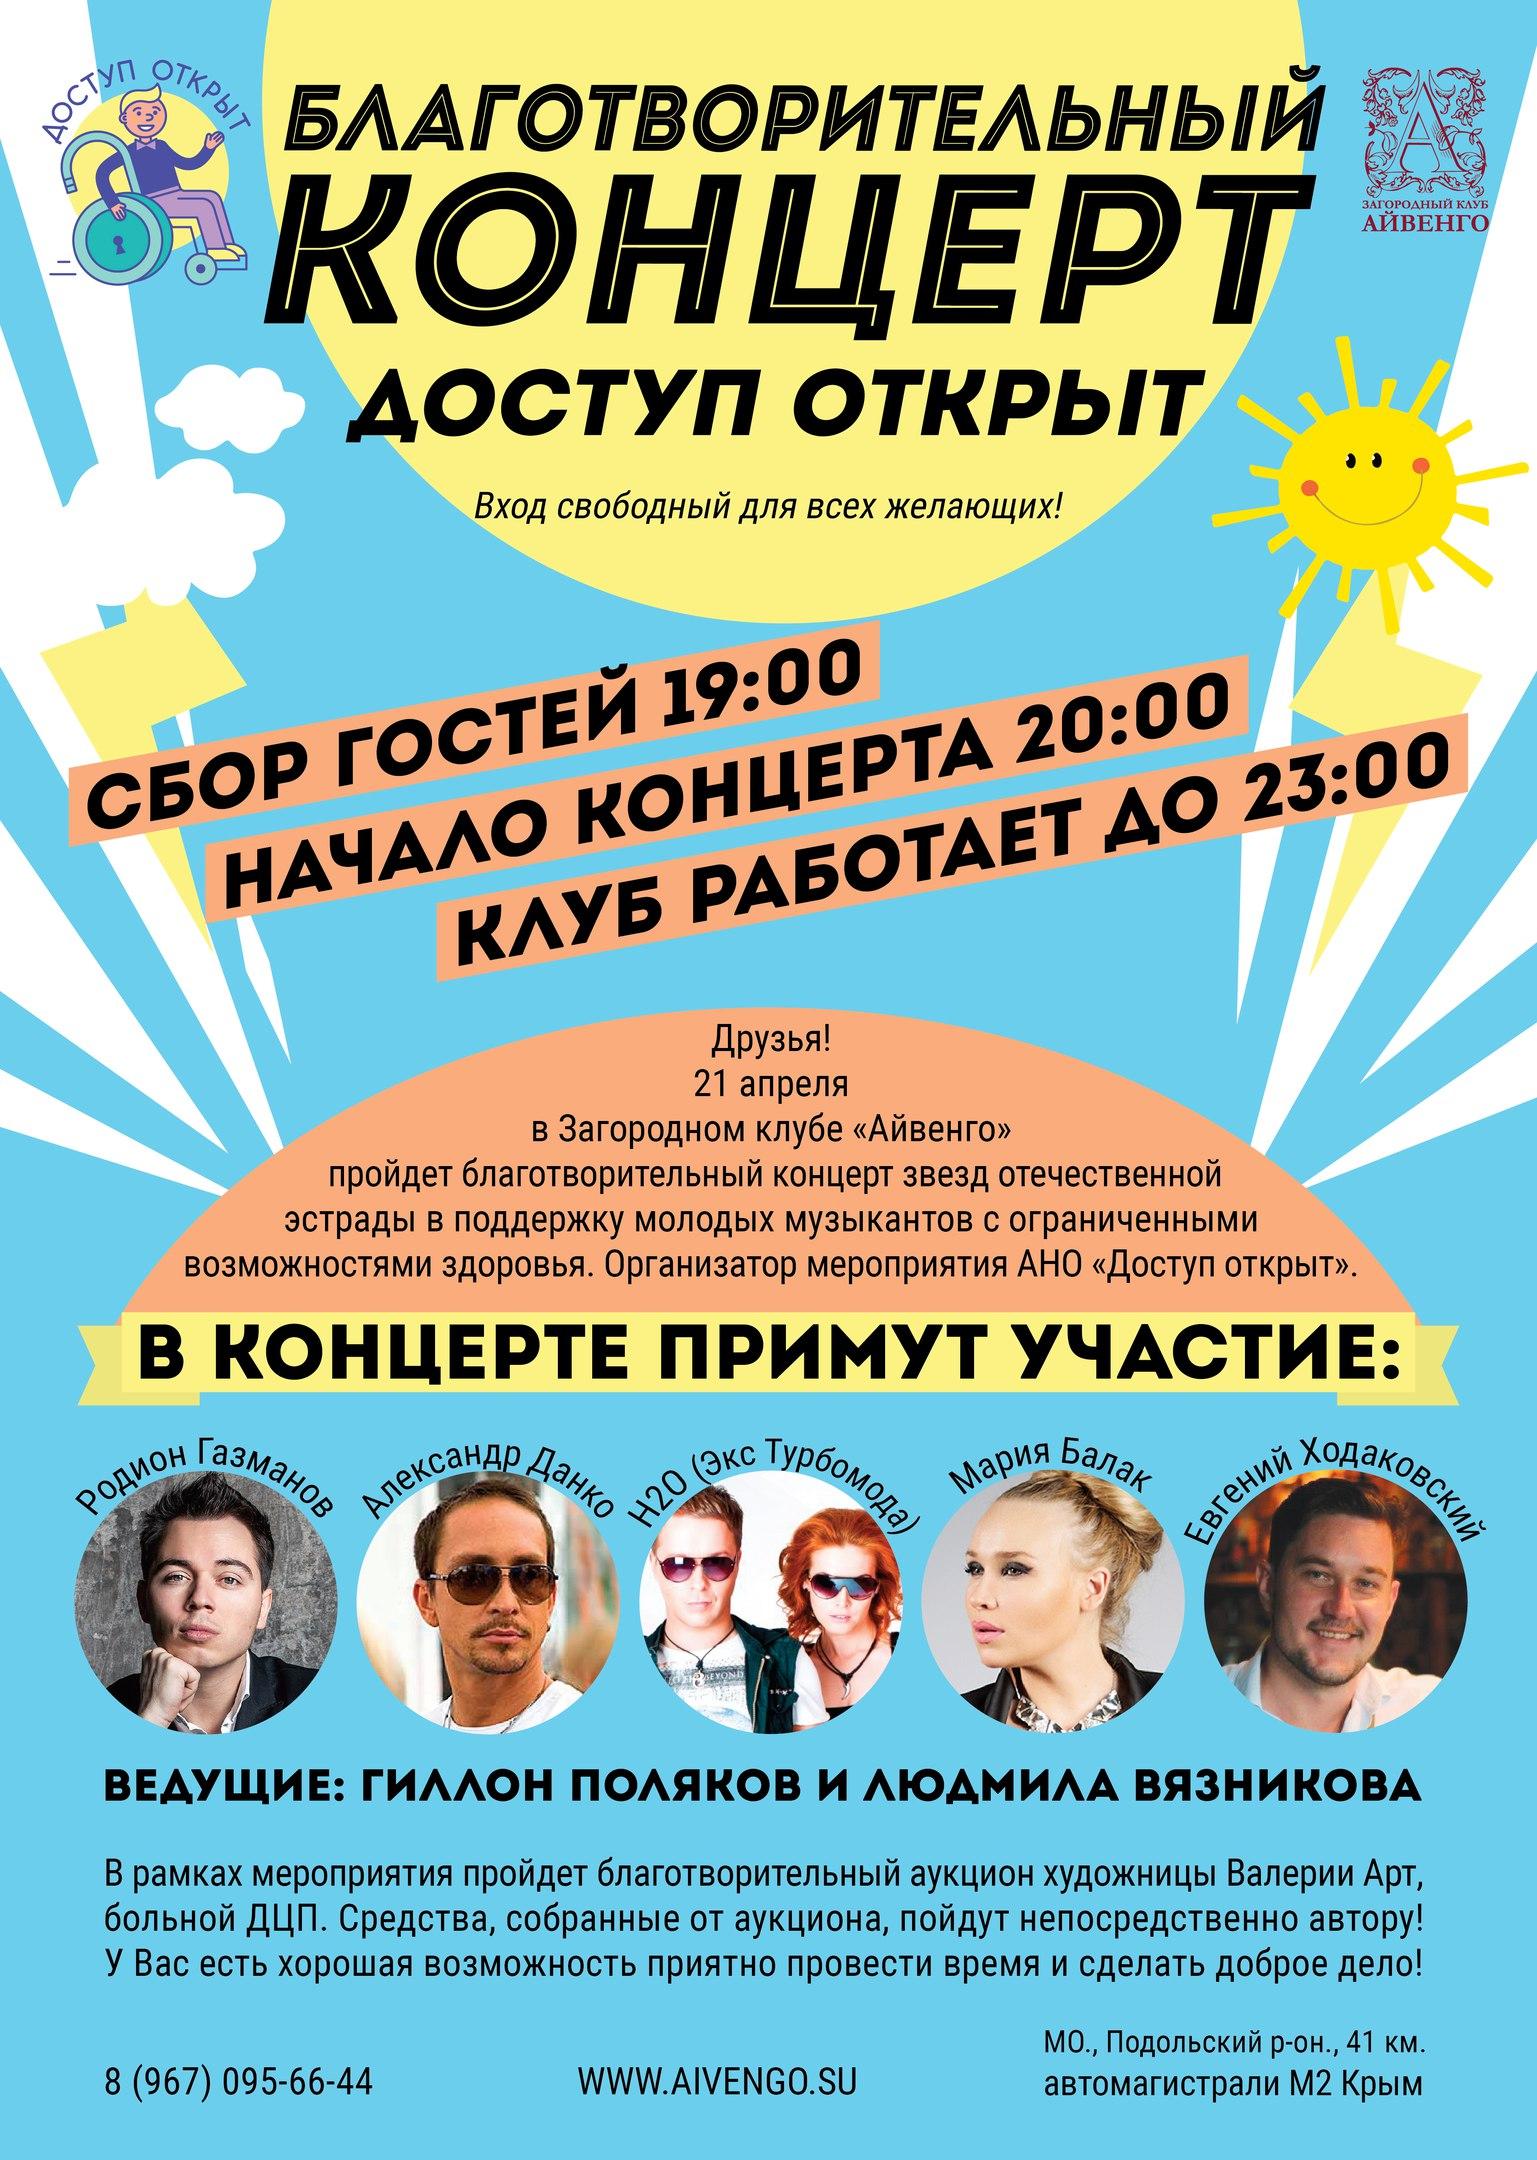 Группа H2O на благотворительном концерте Доступ открыт!